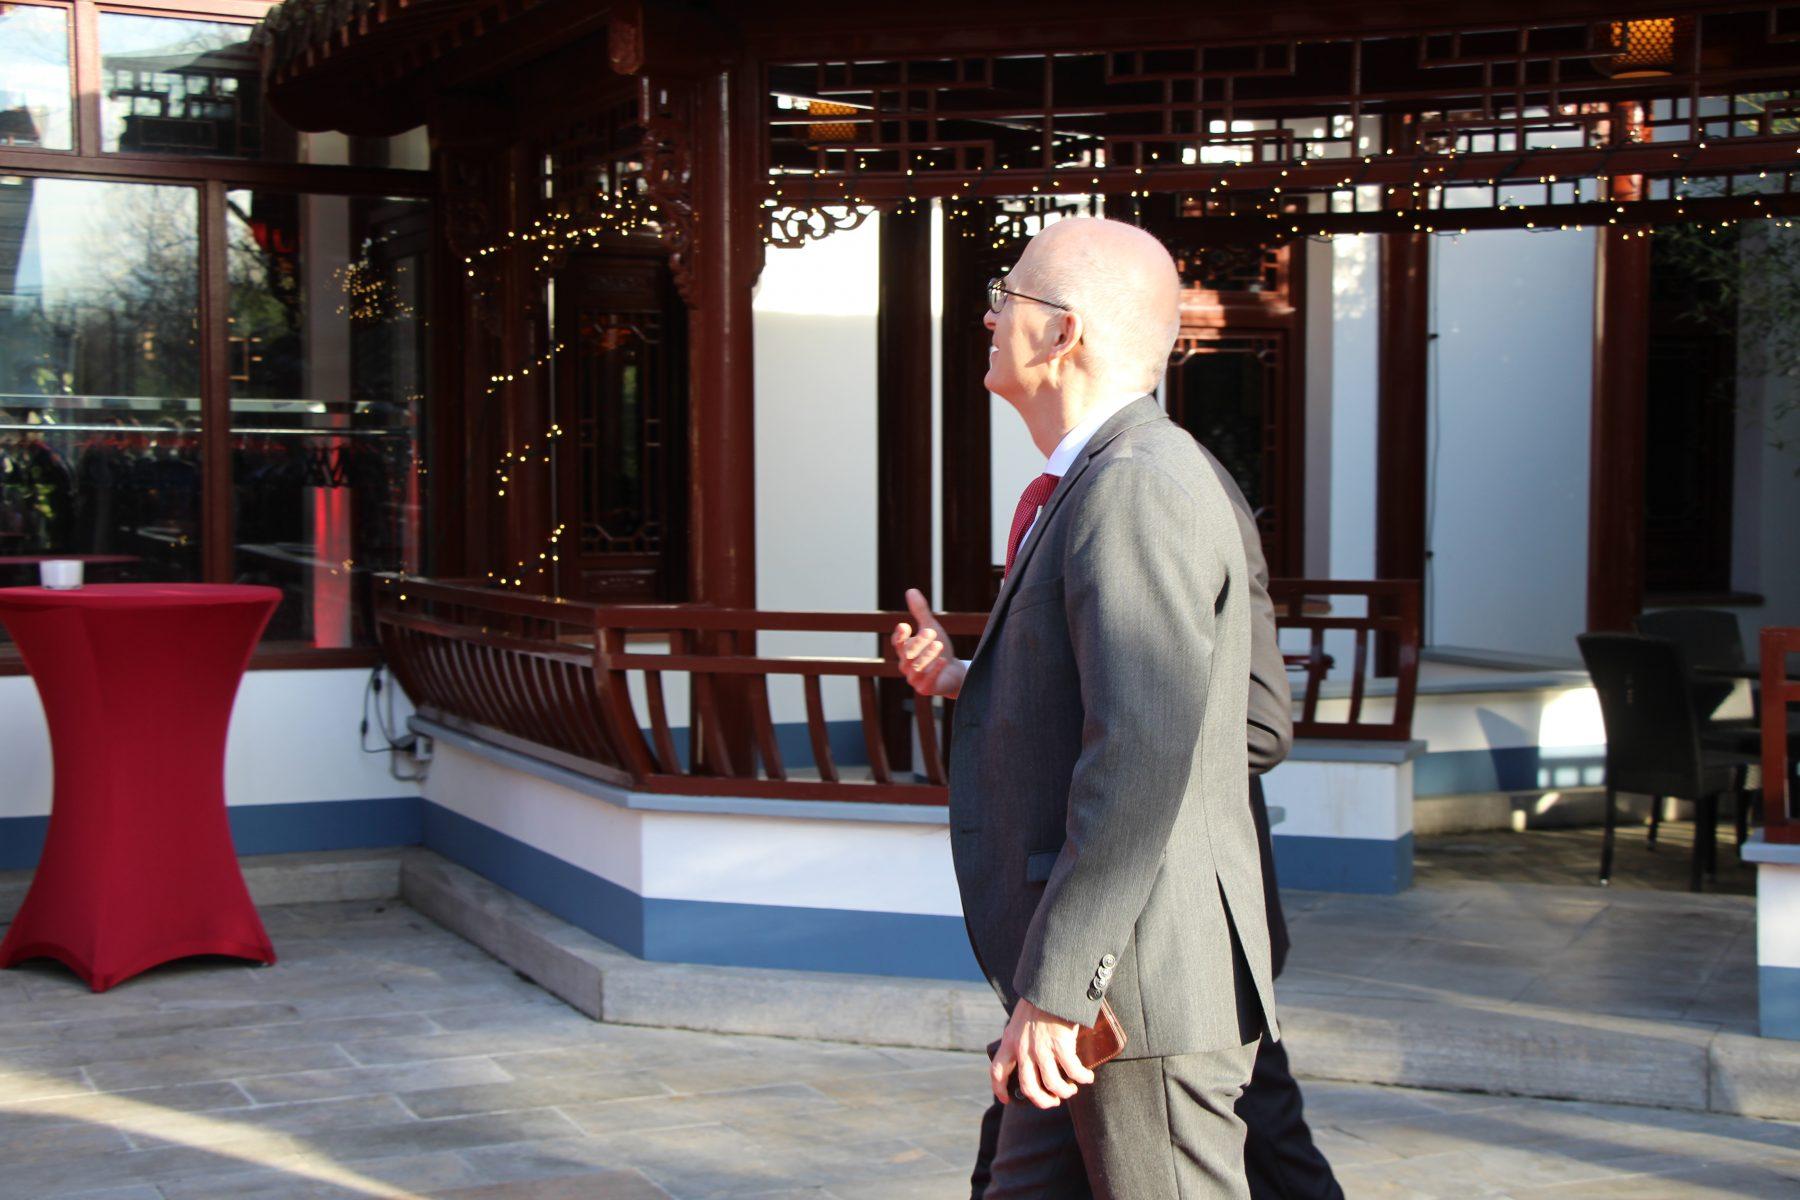 Tschentscher und Generalkonsul Du Xiaohui im Gespräch. Foto: Sophia Kleiner